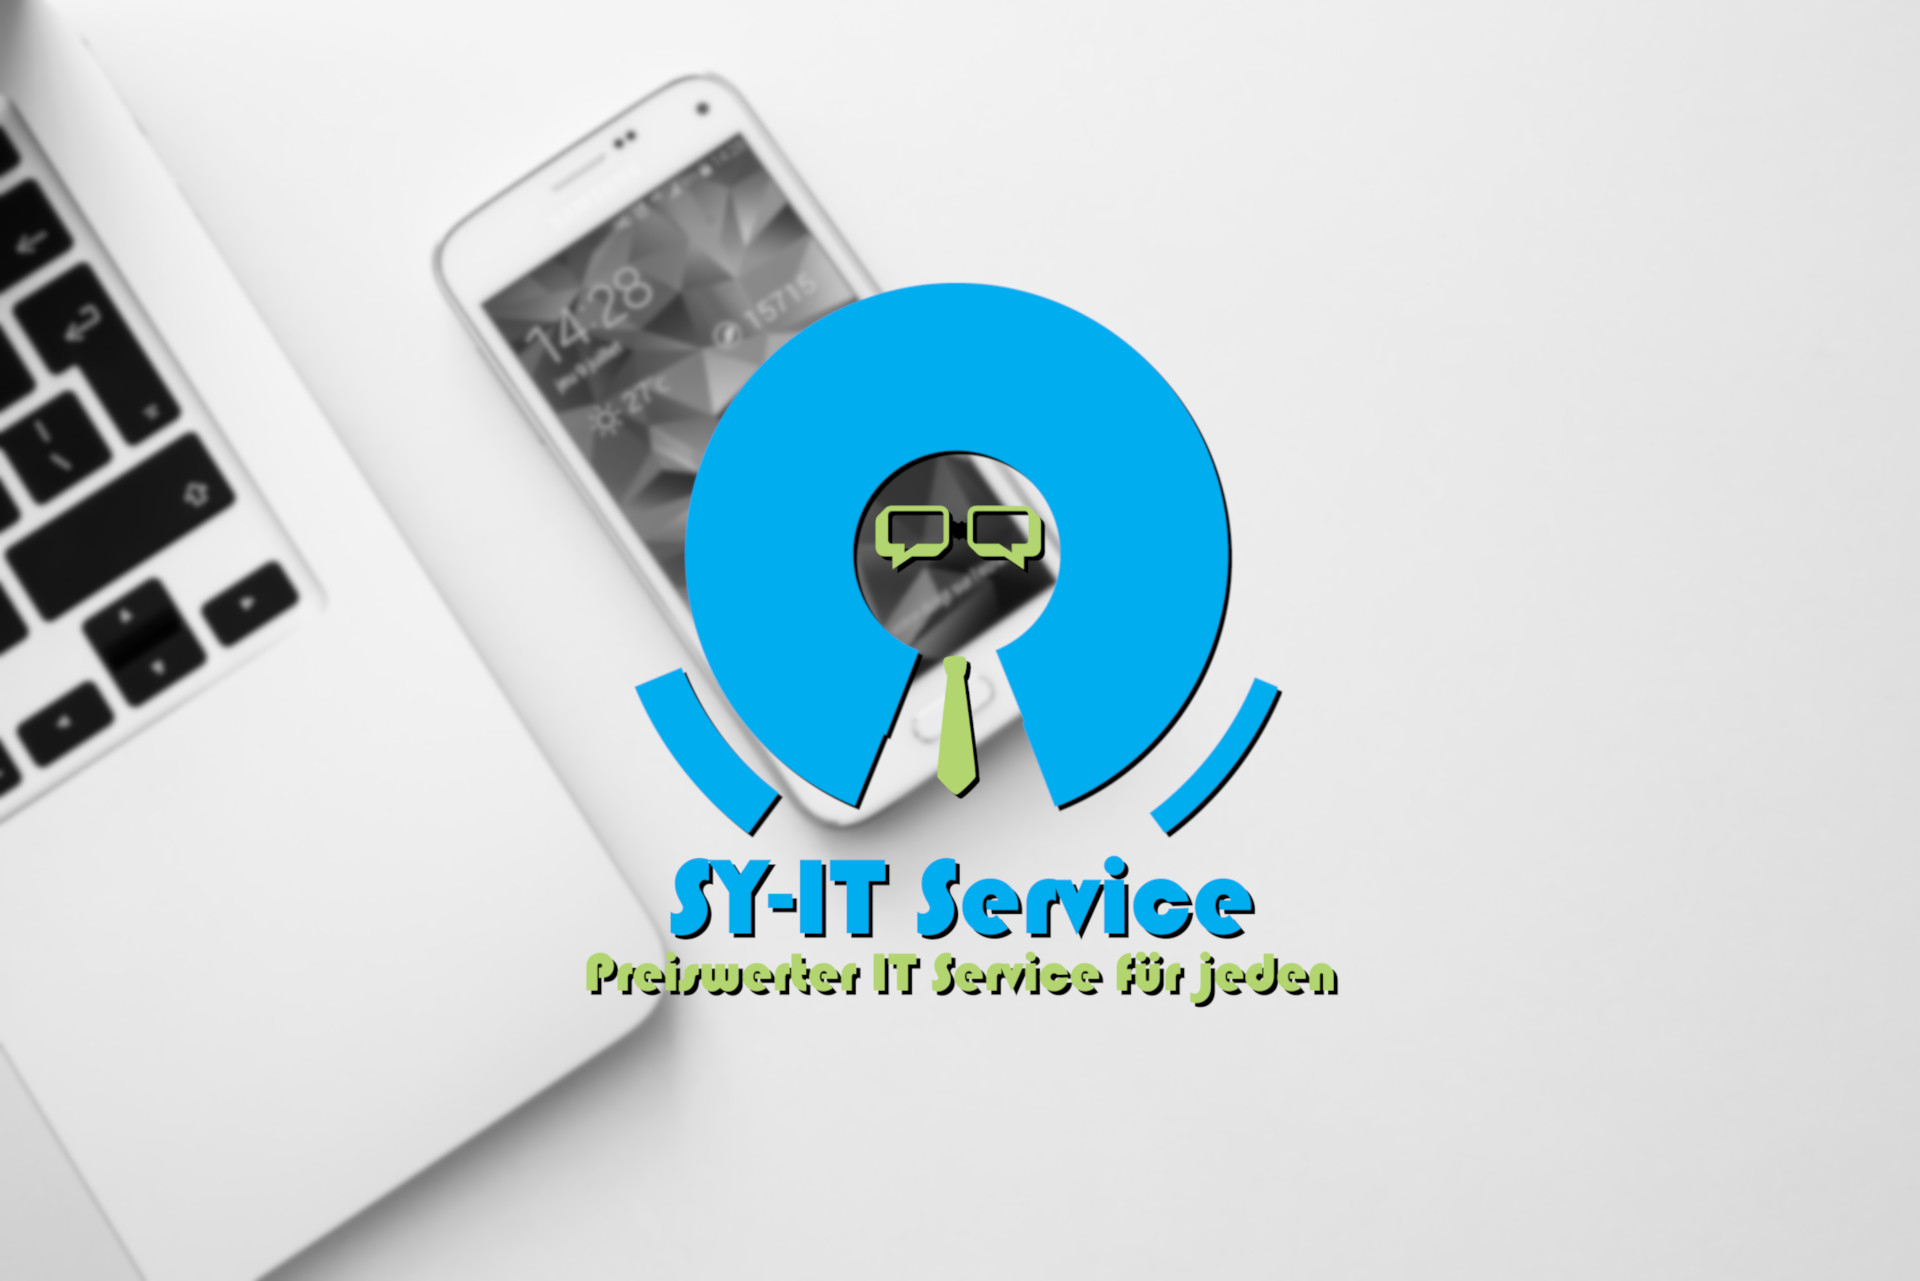 SY-IT Service Logo auf weißem Hintergrund mit Laptop und Smartphone